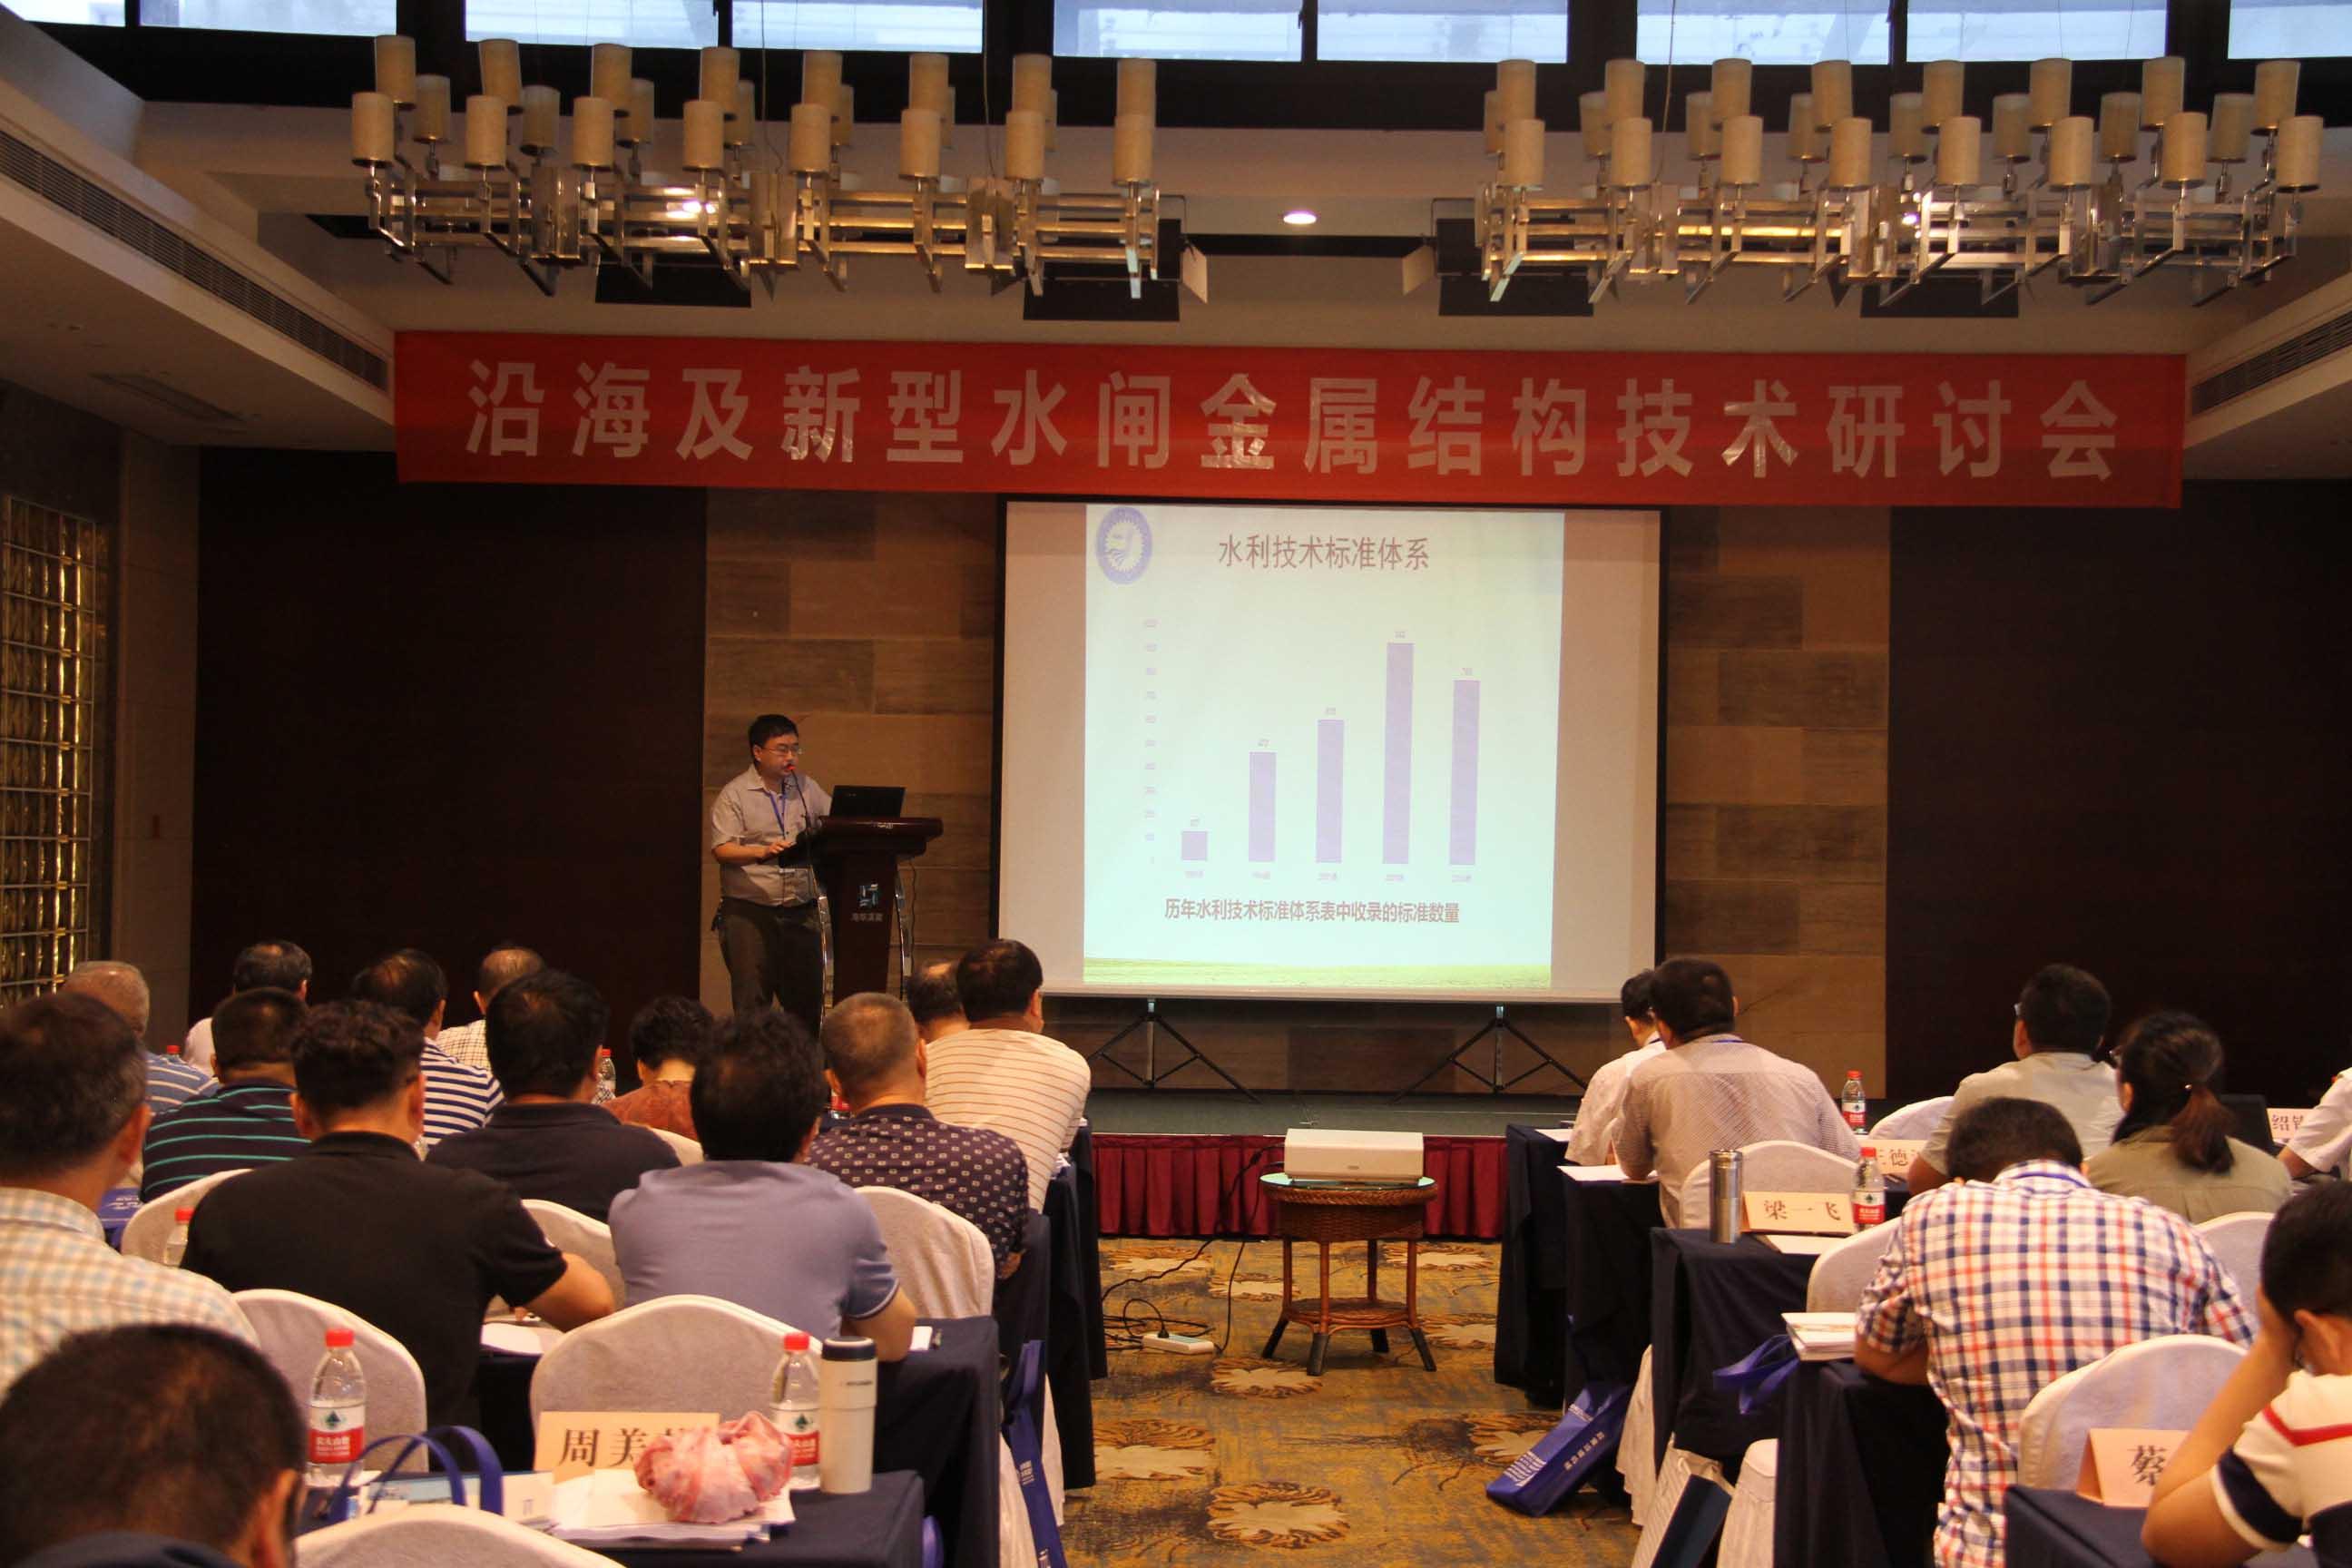 水利部产品质量标准研究所郑寓作特邀报告